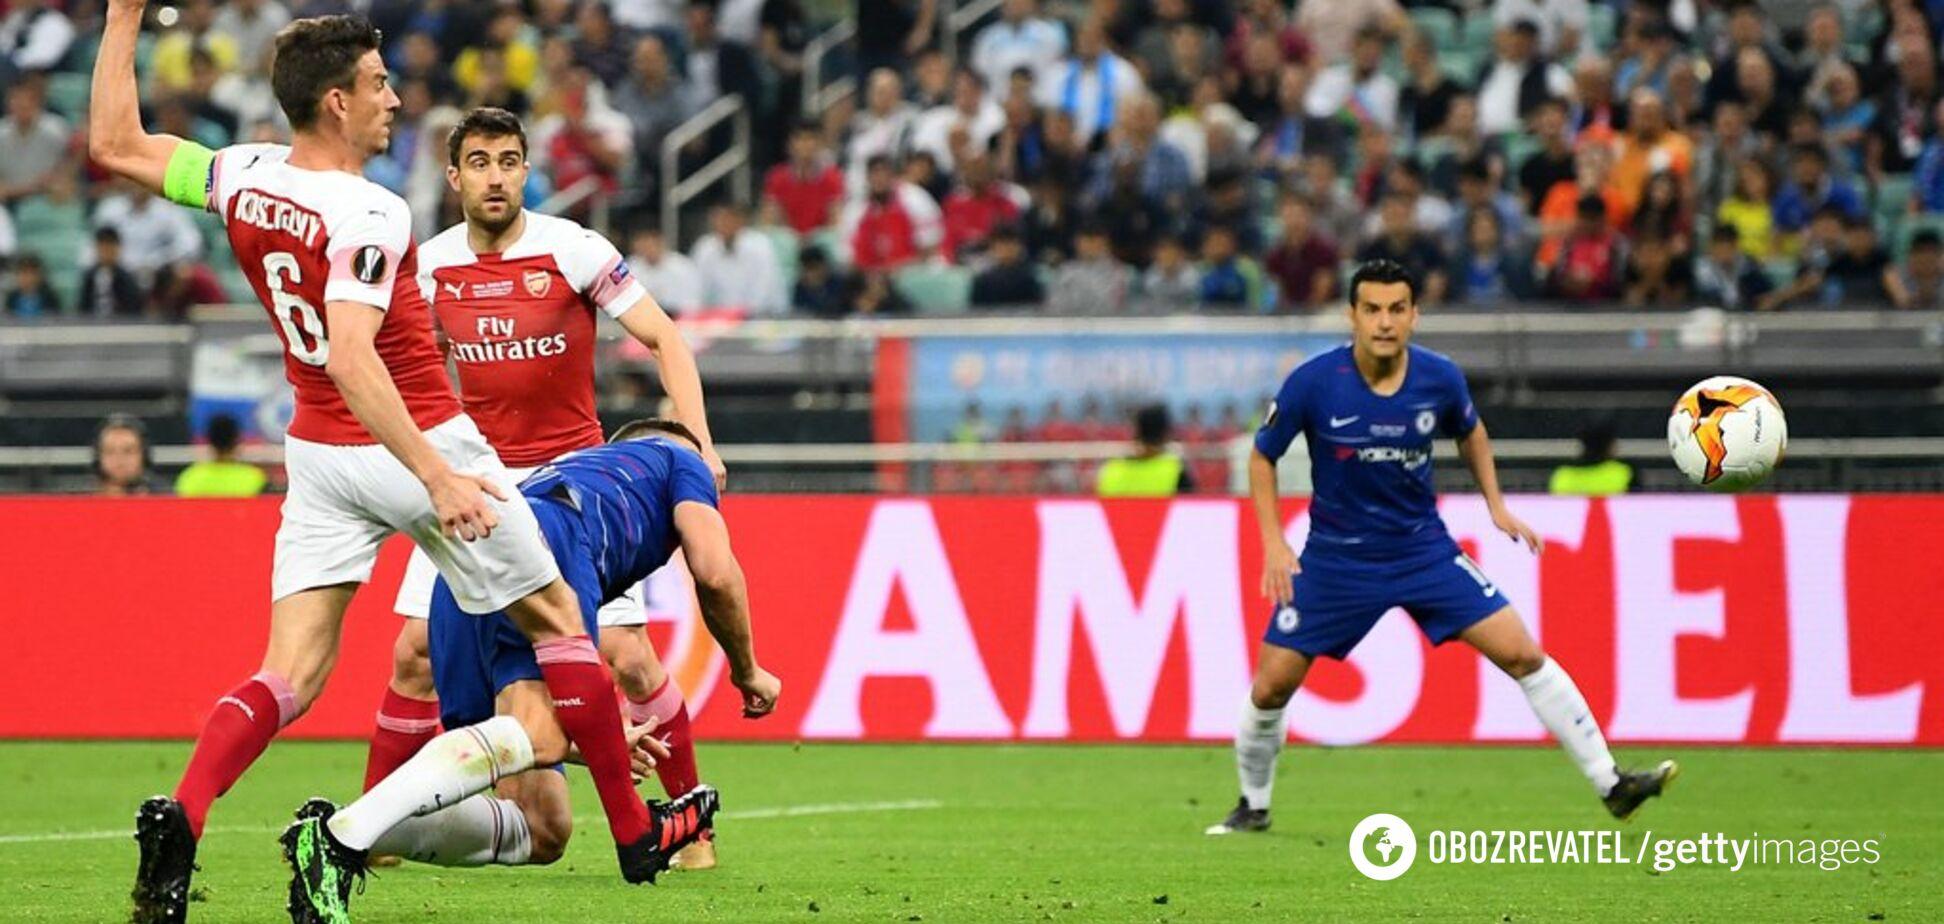 4 голи за 22 хвилини: 'Челсі' знищив 'Арсенал' у фіналі Ліги Європи